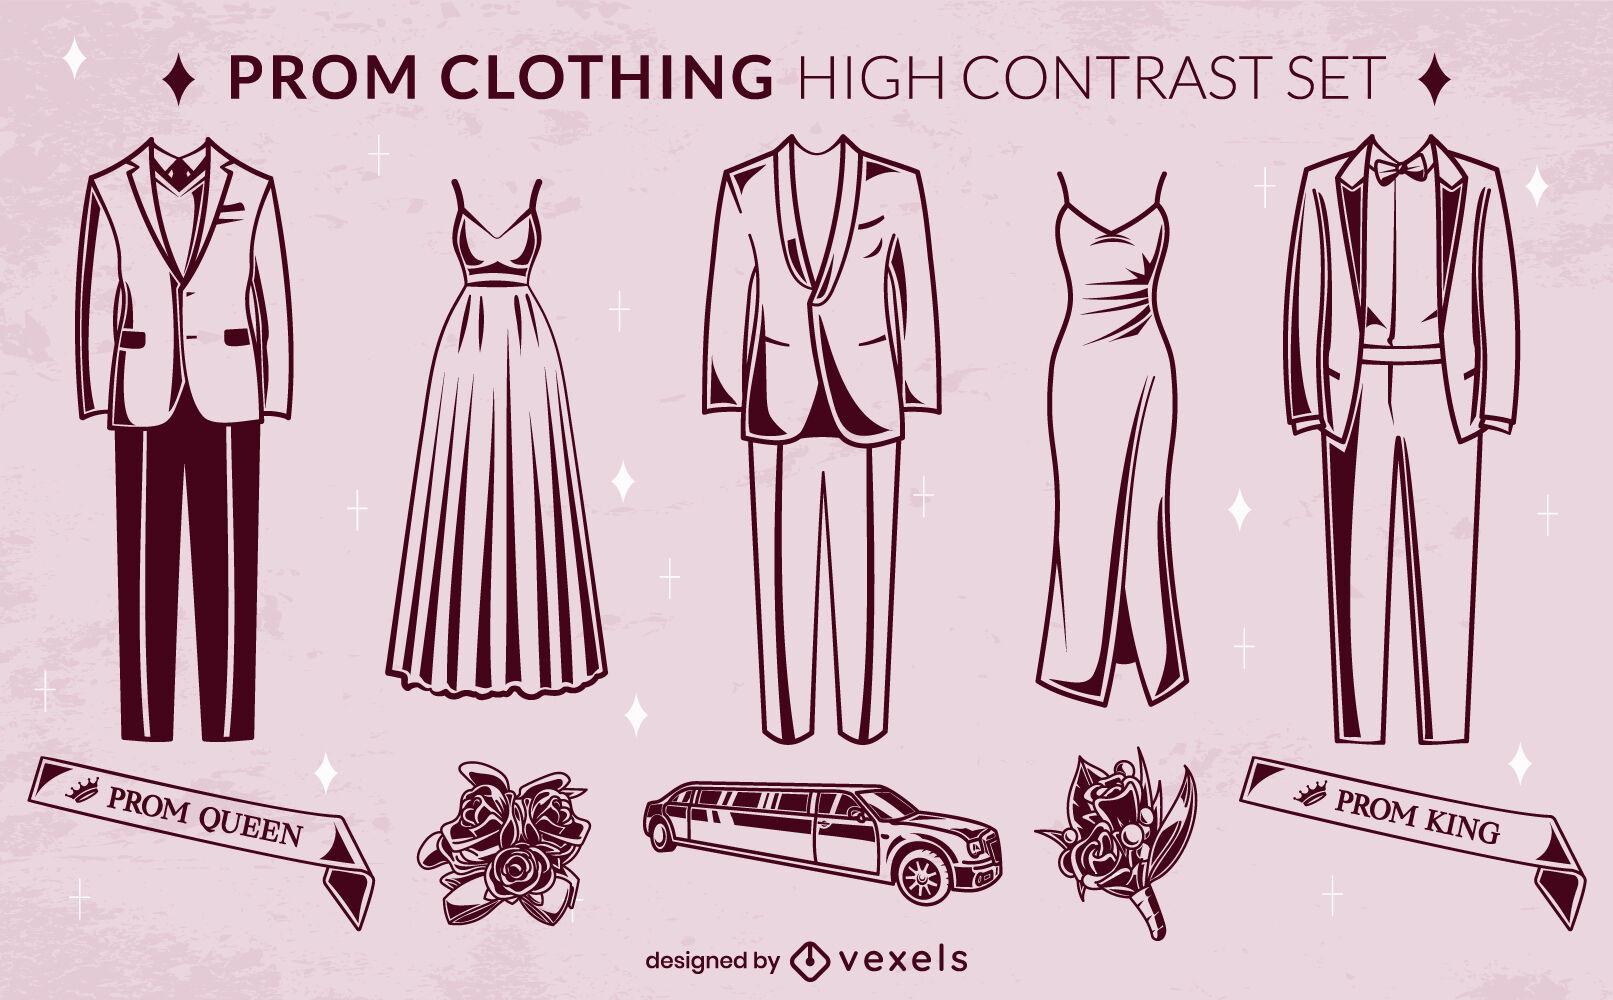 Conjunto de ropa de baile nocturno de alto contraste.